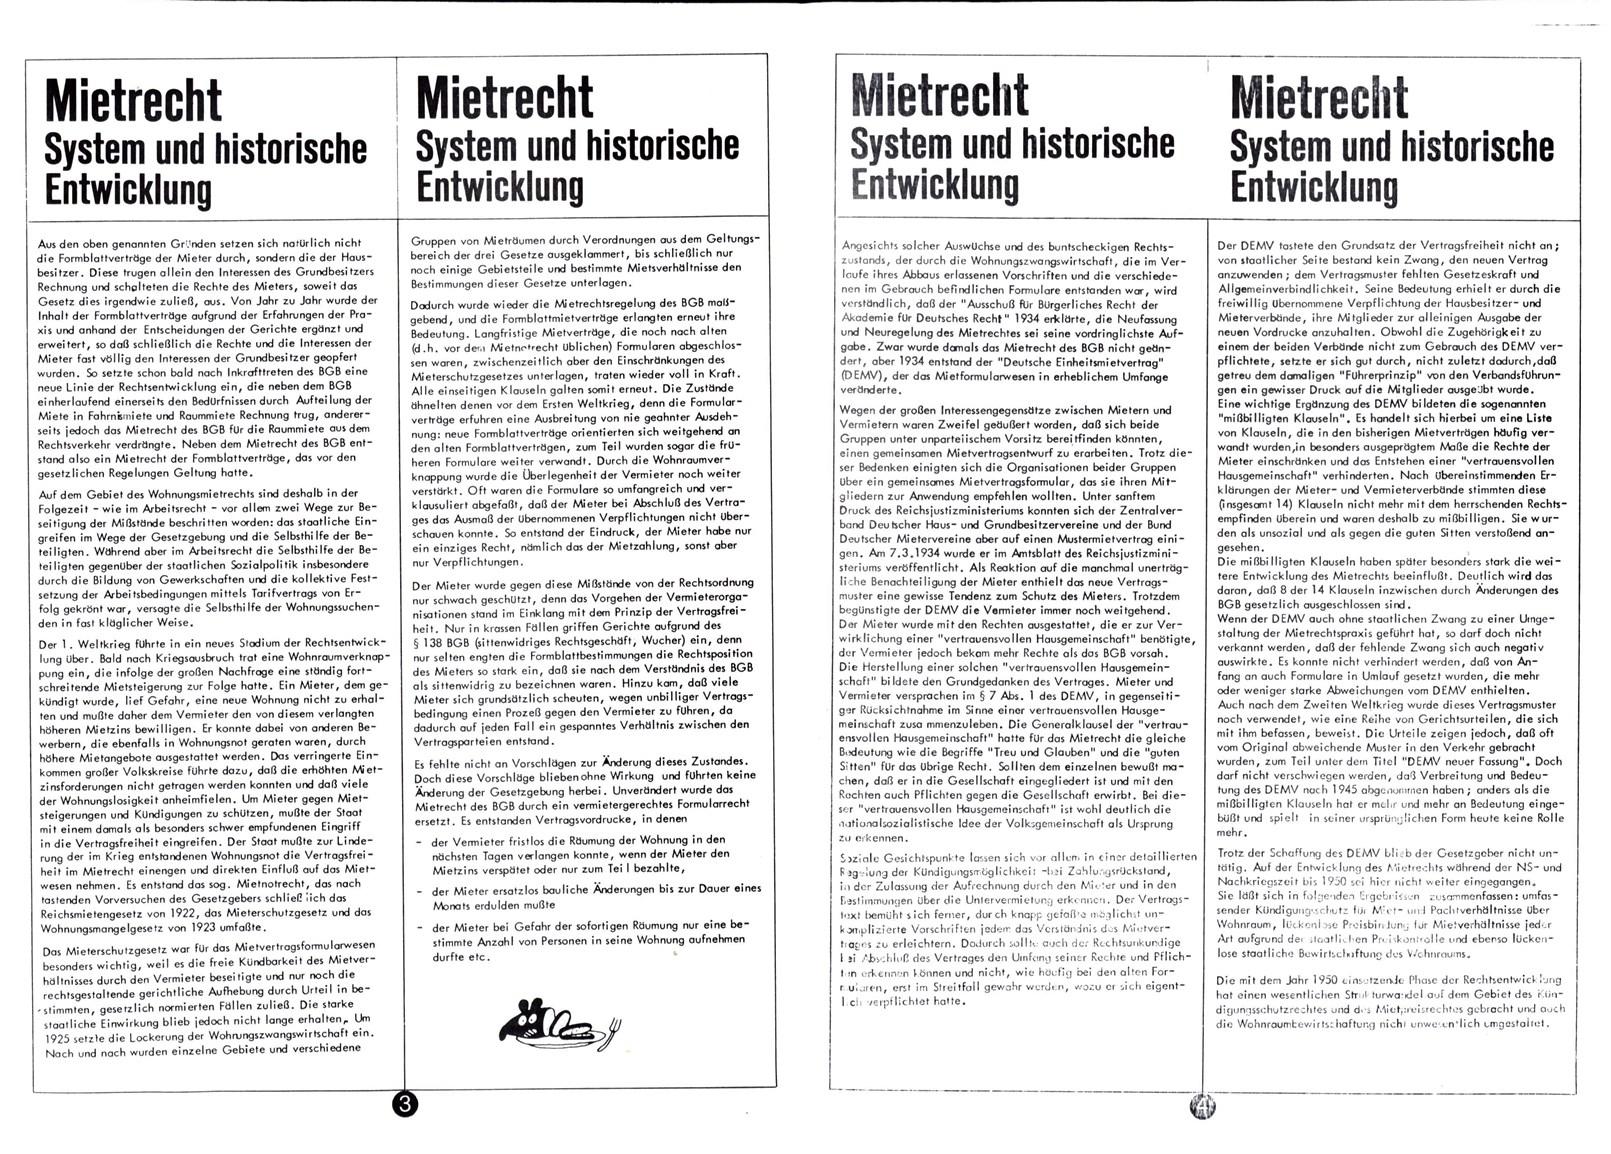 Muenster_AStA_Info_19770000_Mietinfo1_03